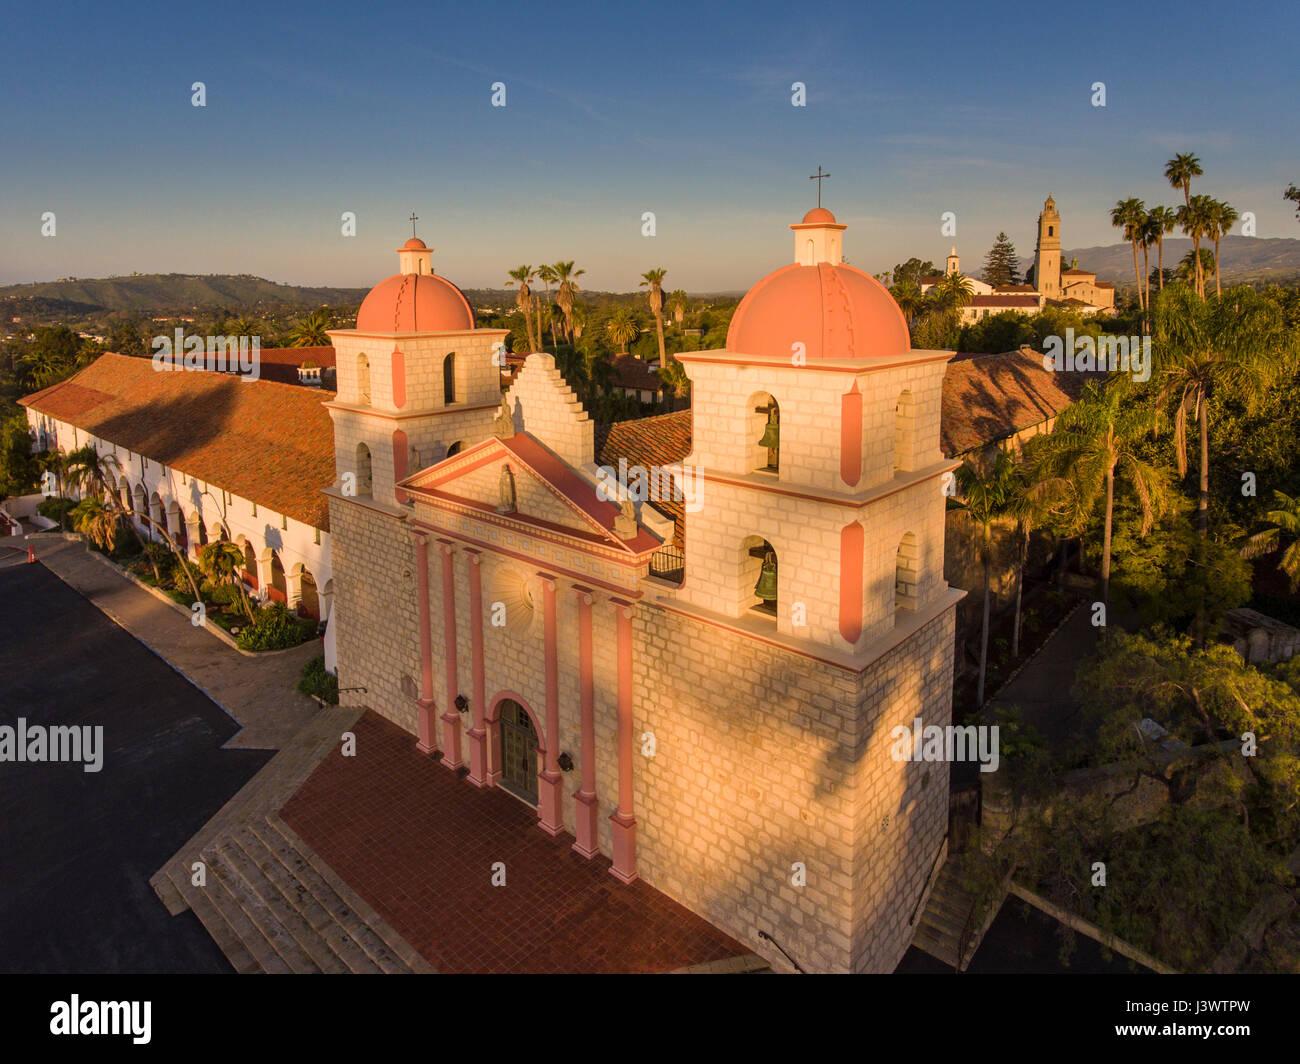 Old Mission Santa Barbara, Santa Barbara, California - Stock Image